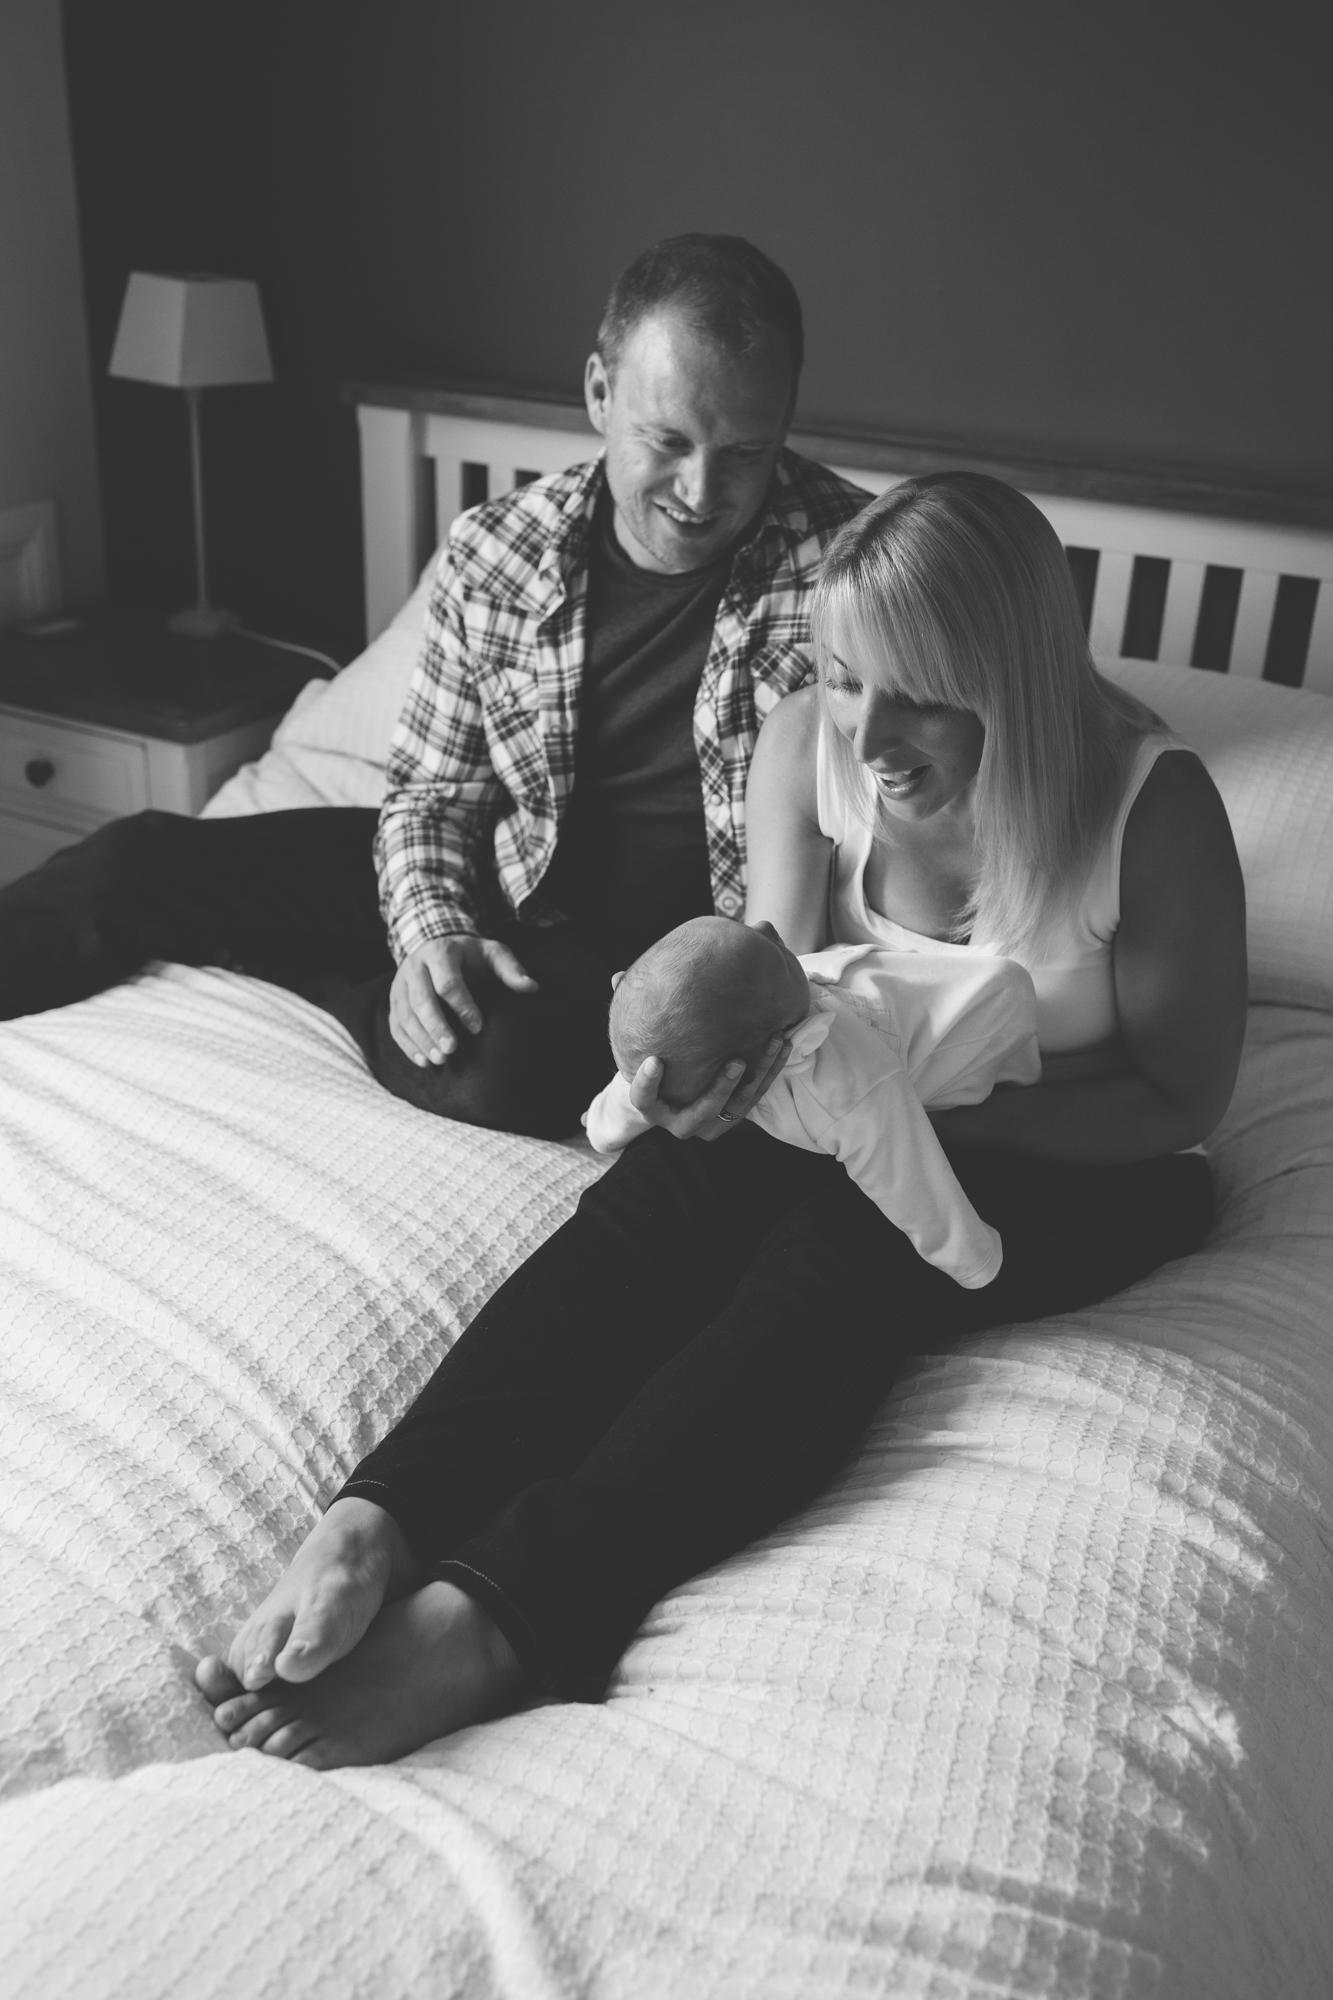 family photographer Aberdeen, Aberdeen family photography